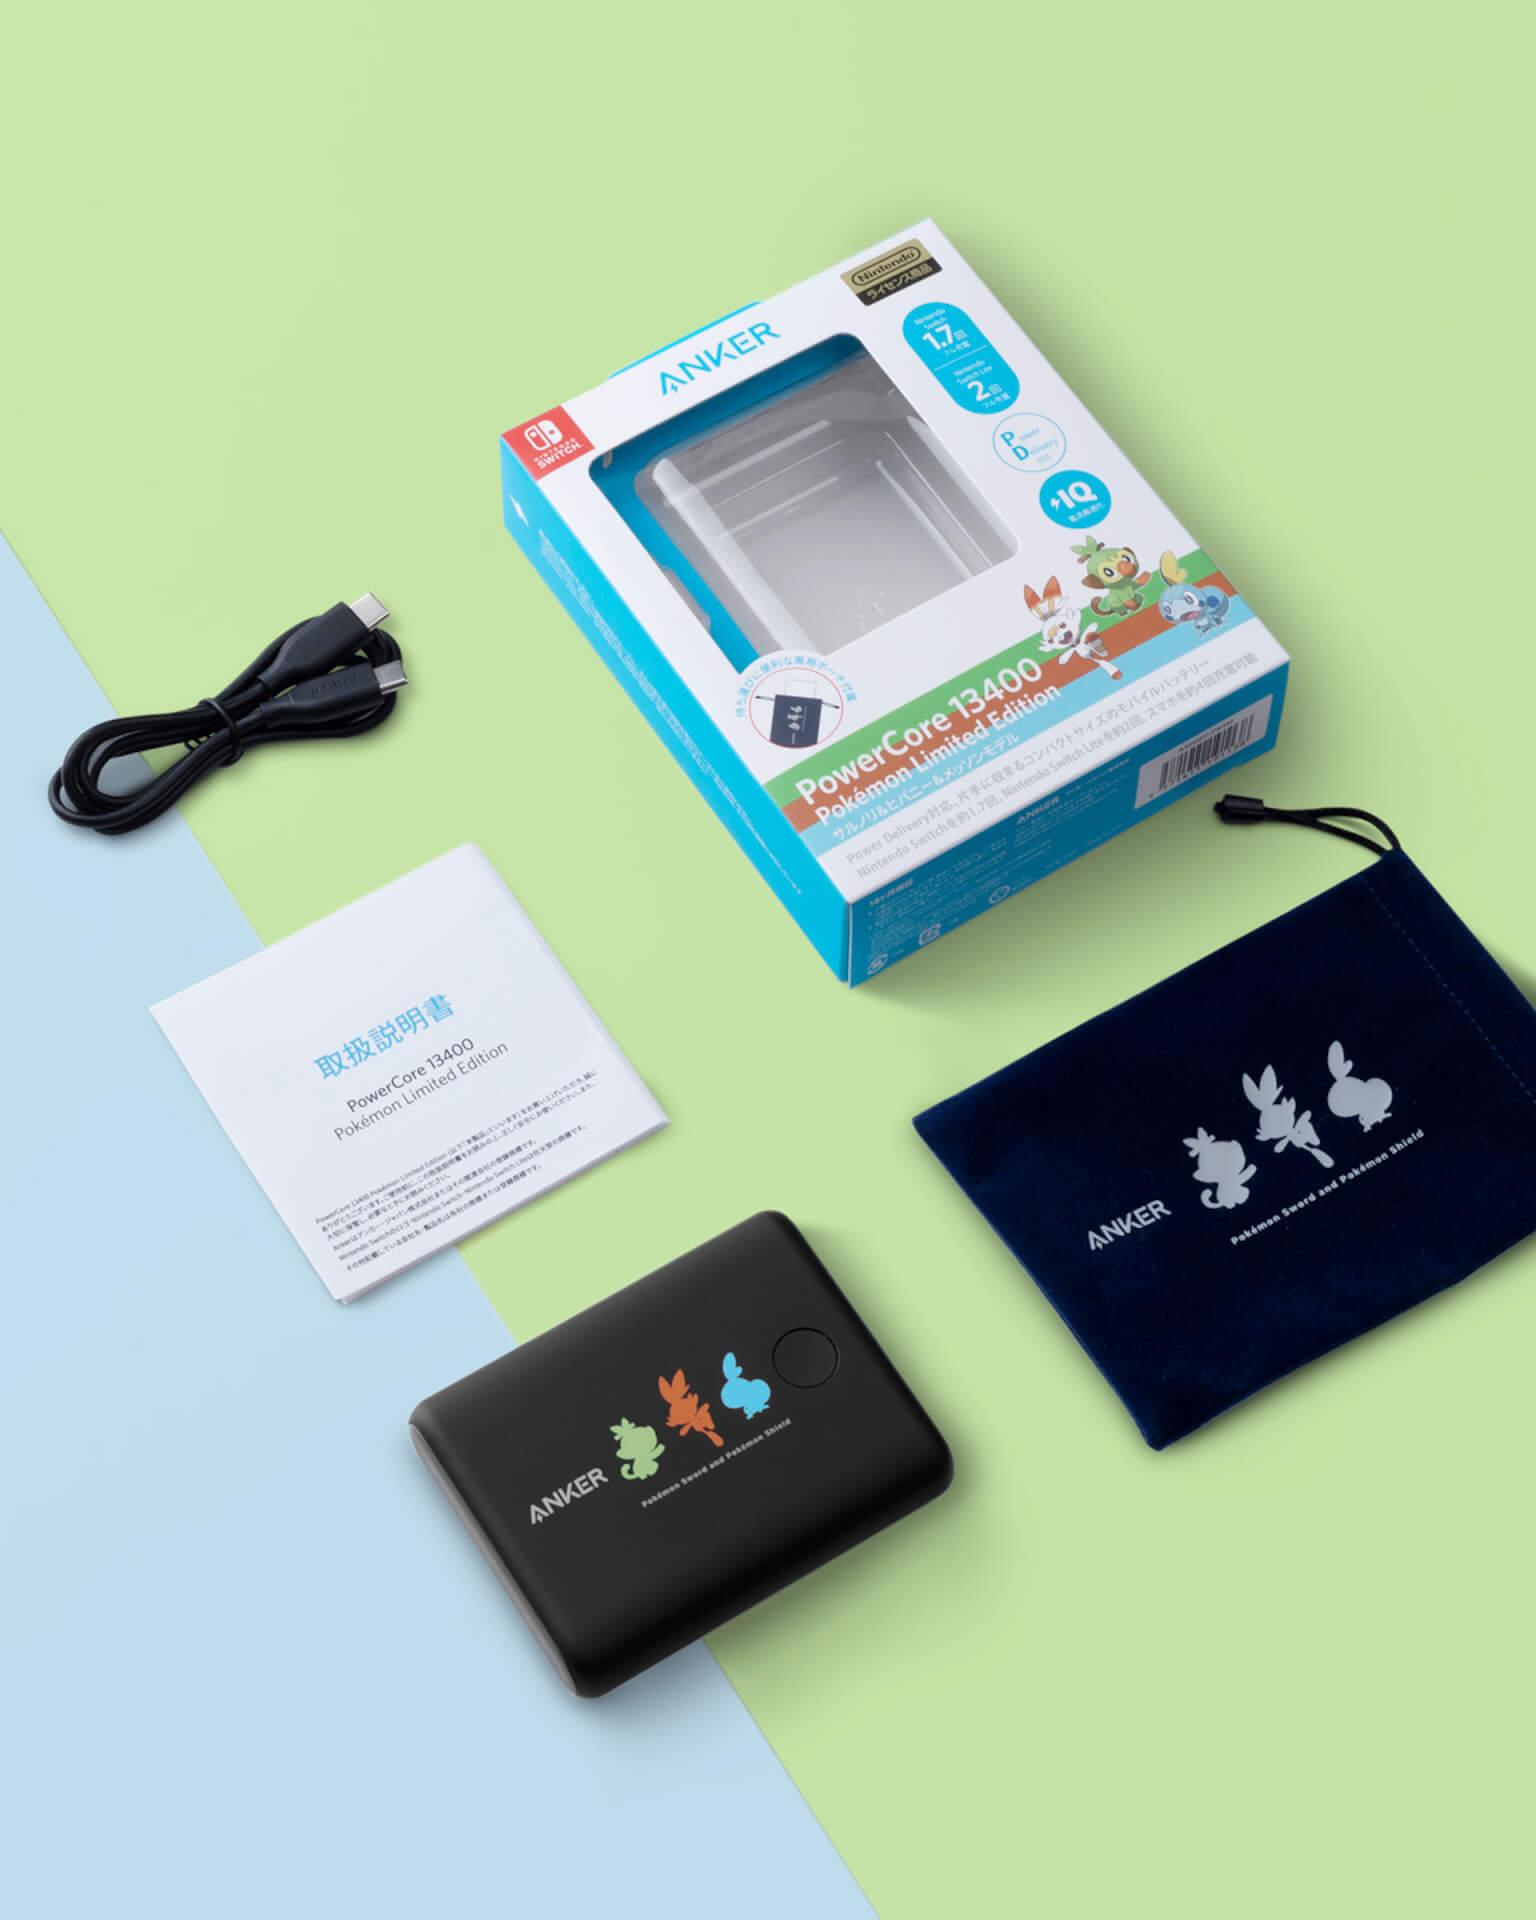 ポケモンがAnker充電器に!Nintendo Switch対応の大容量バッテリー「Anker PowerCore 13400 Pokémon Limited Edition」が登場 tech_191114_ankerxpokemon_7